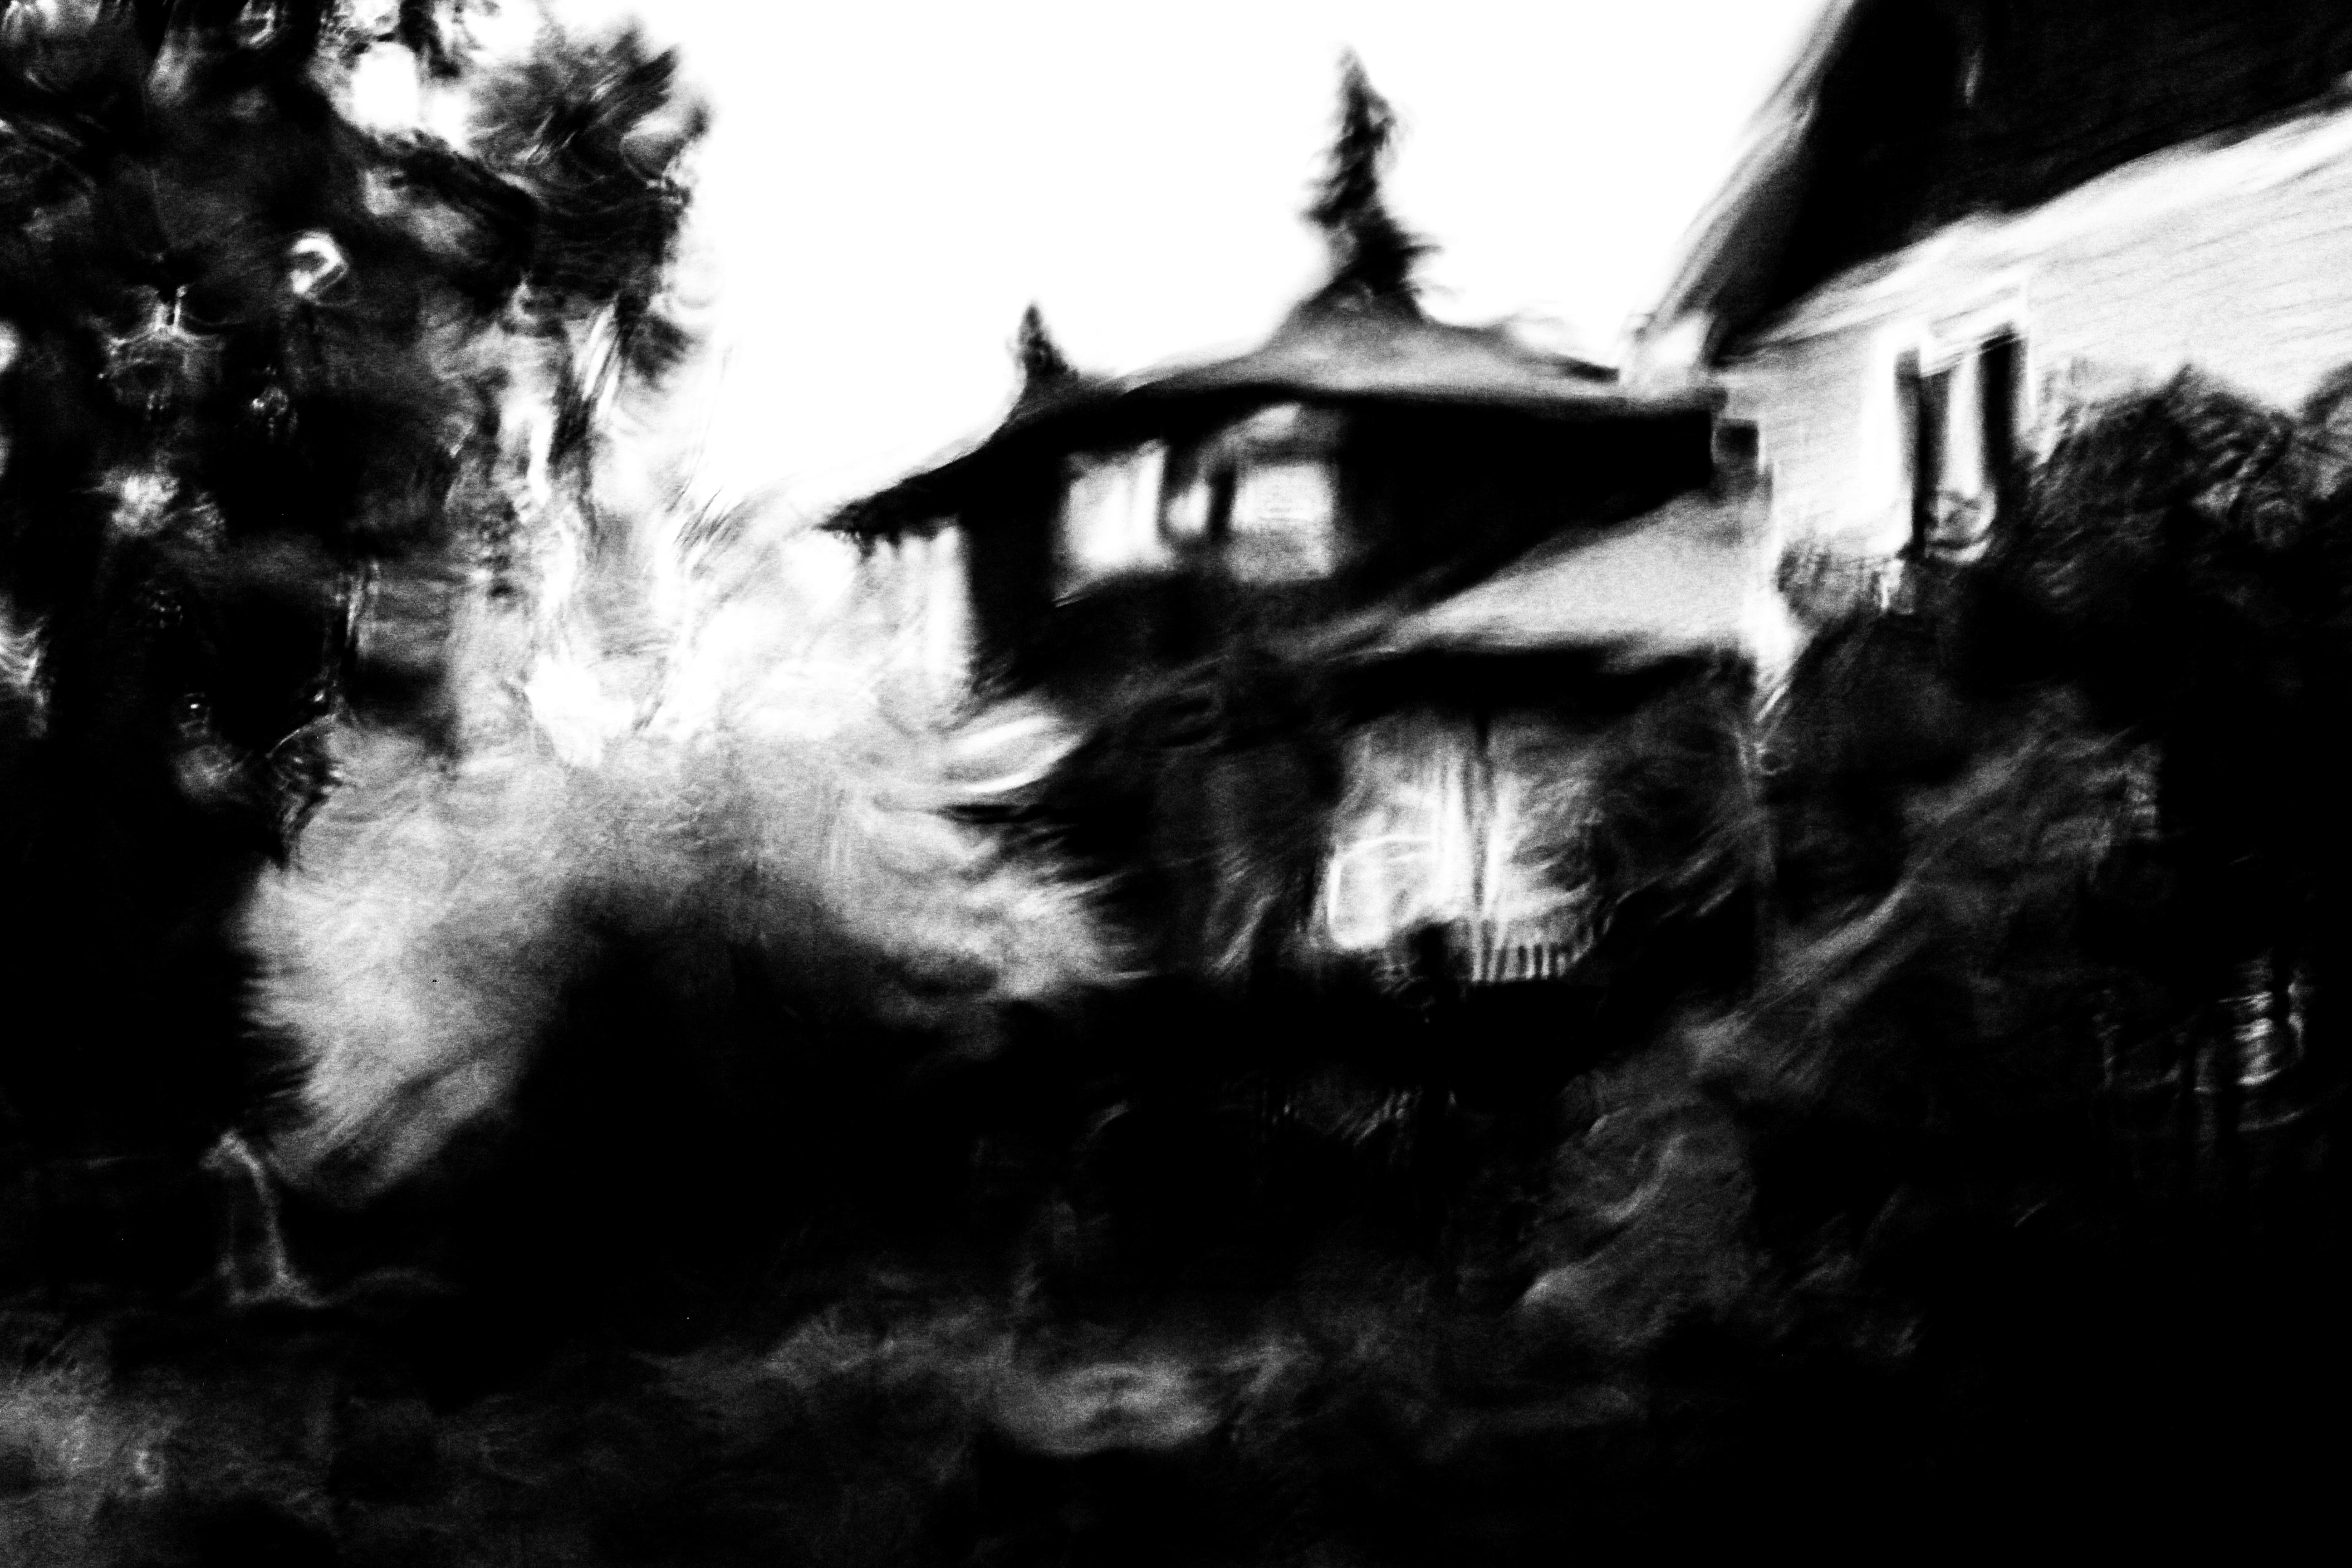 hintergrundbilder b ume schwarz einfarbig nacht abstrakt gespenstisch regen halloween. Black Bedroom Furniture Sets. Home Design Ideas